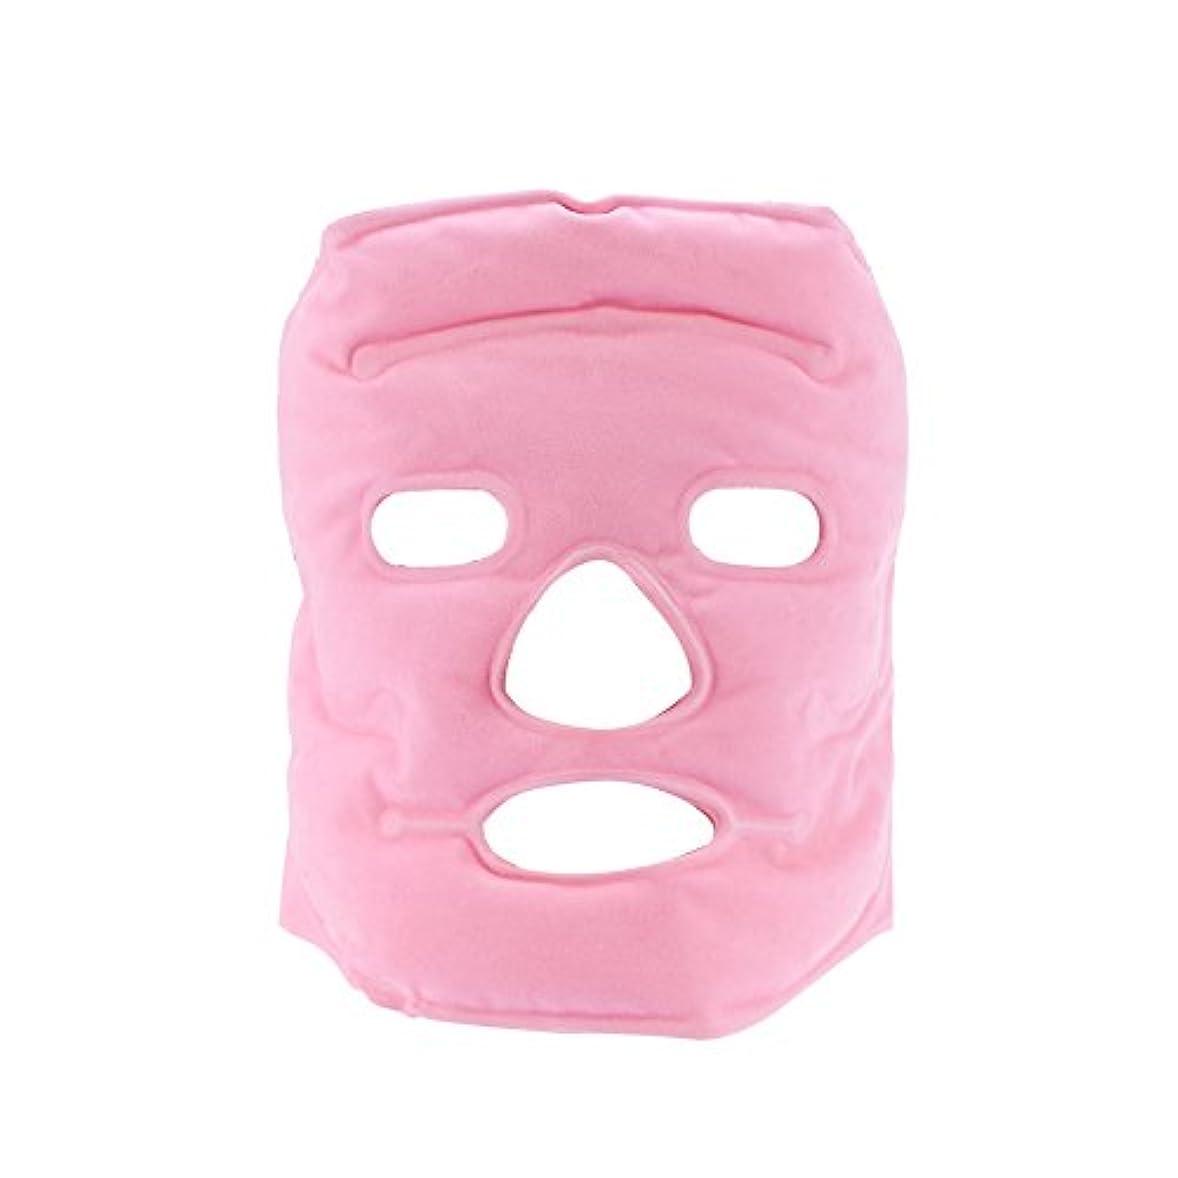 おなじみの広々としたビデオトルマリンフェイスマスク、フェイシャル美容マスク計器トルマリン磁気コールド/ホットコンプレッションマッサージアンチリンクルフェイスケア女性